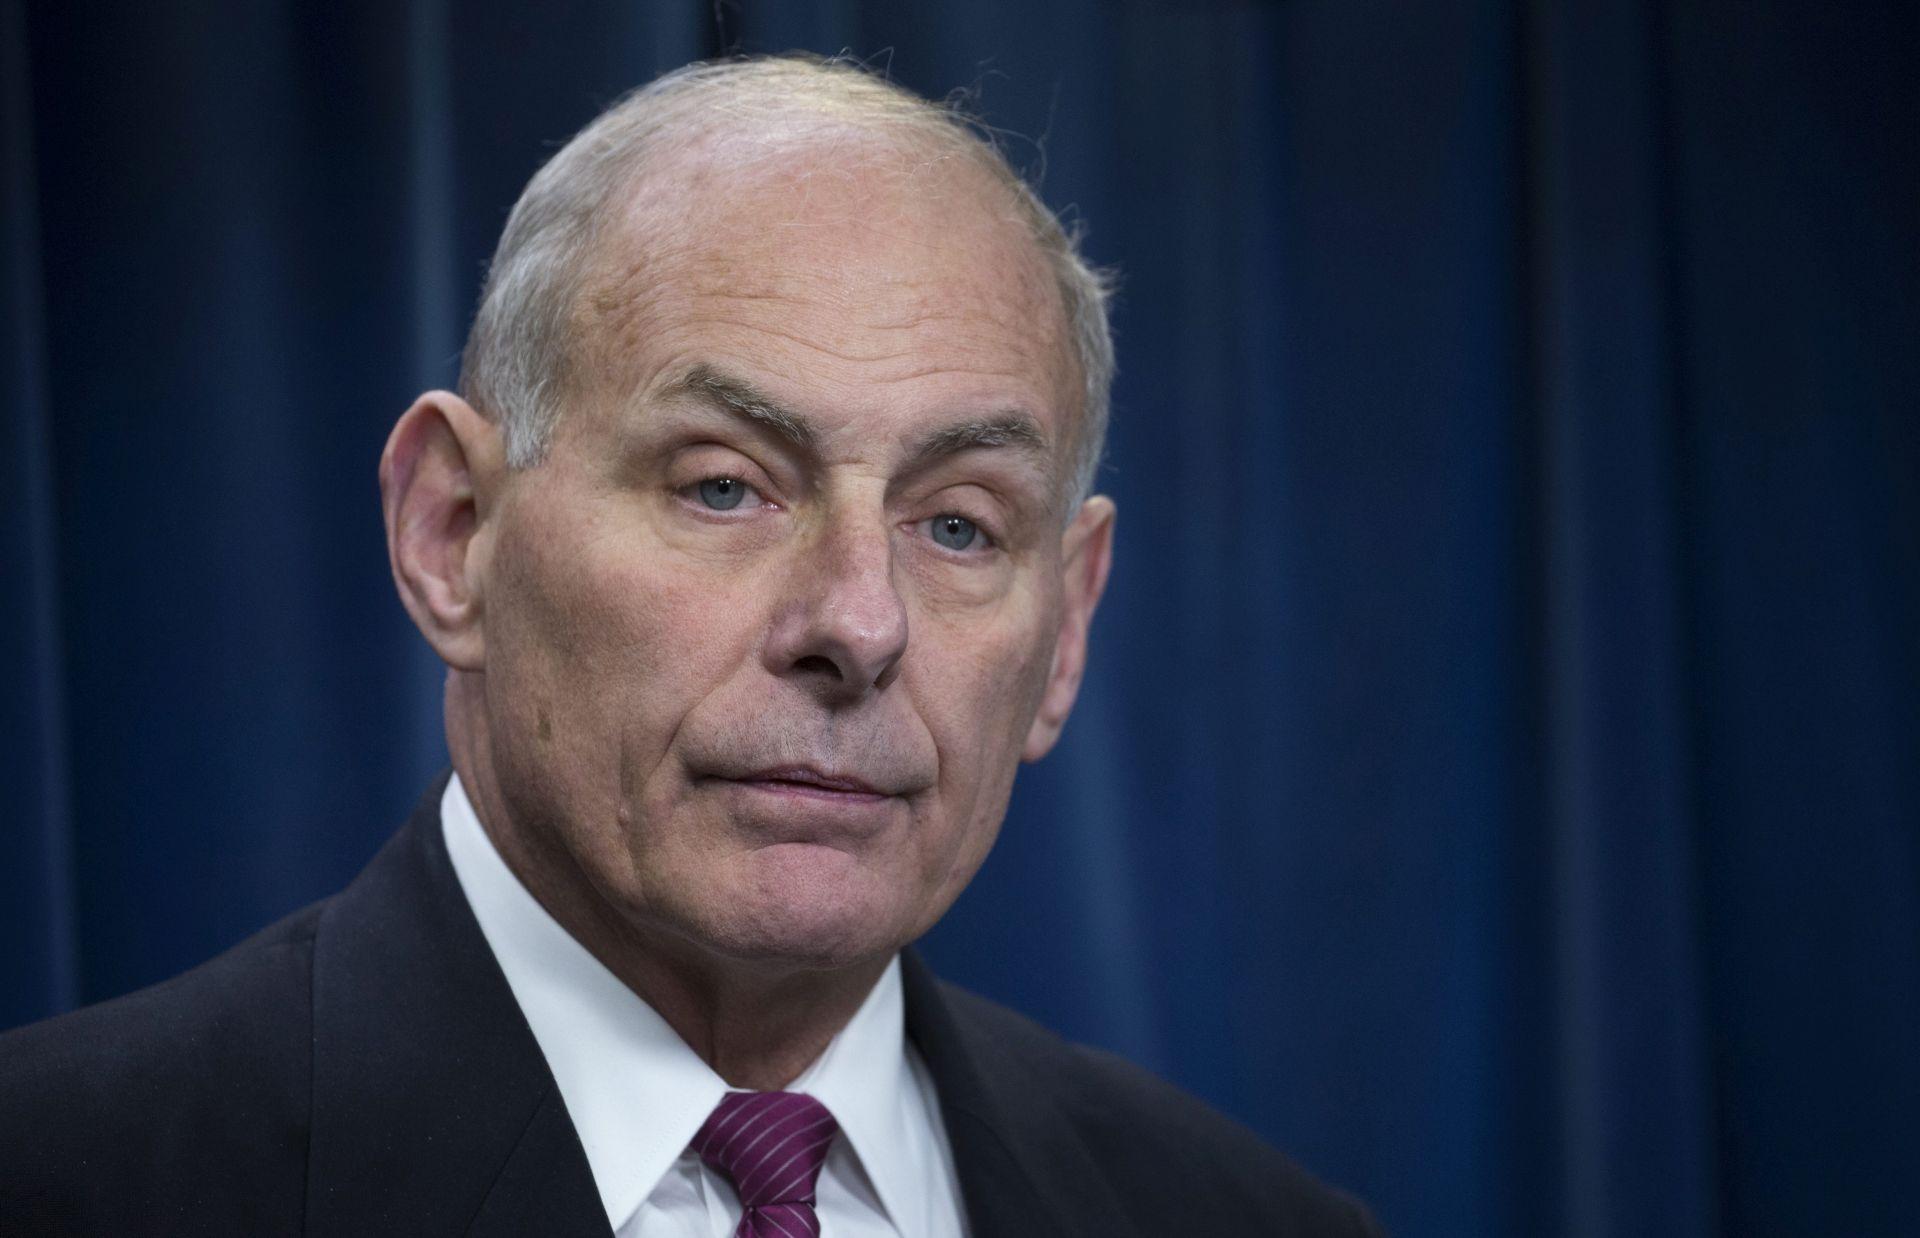 Ministar domovinske sigurnosti kaže da će Trumpova nova migrantska uredba biti bolje razrađena